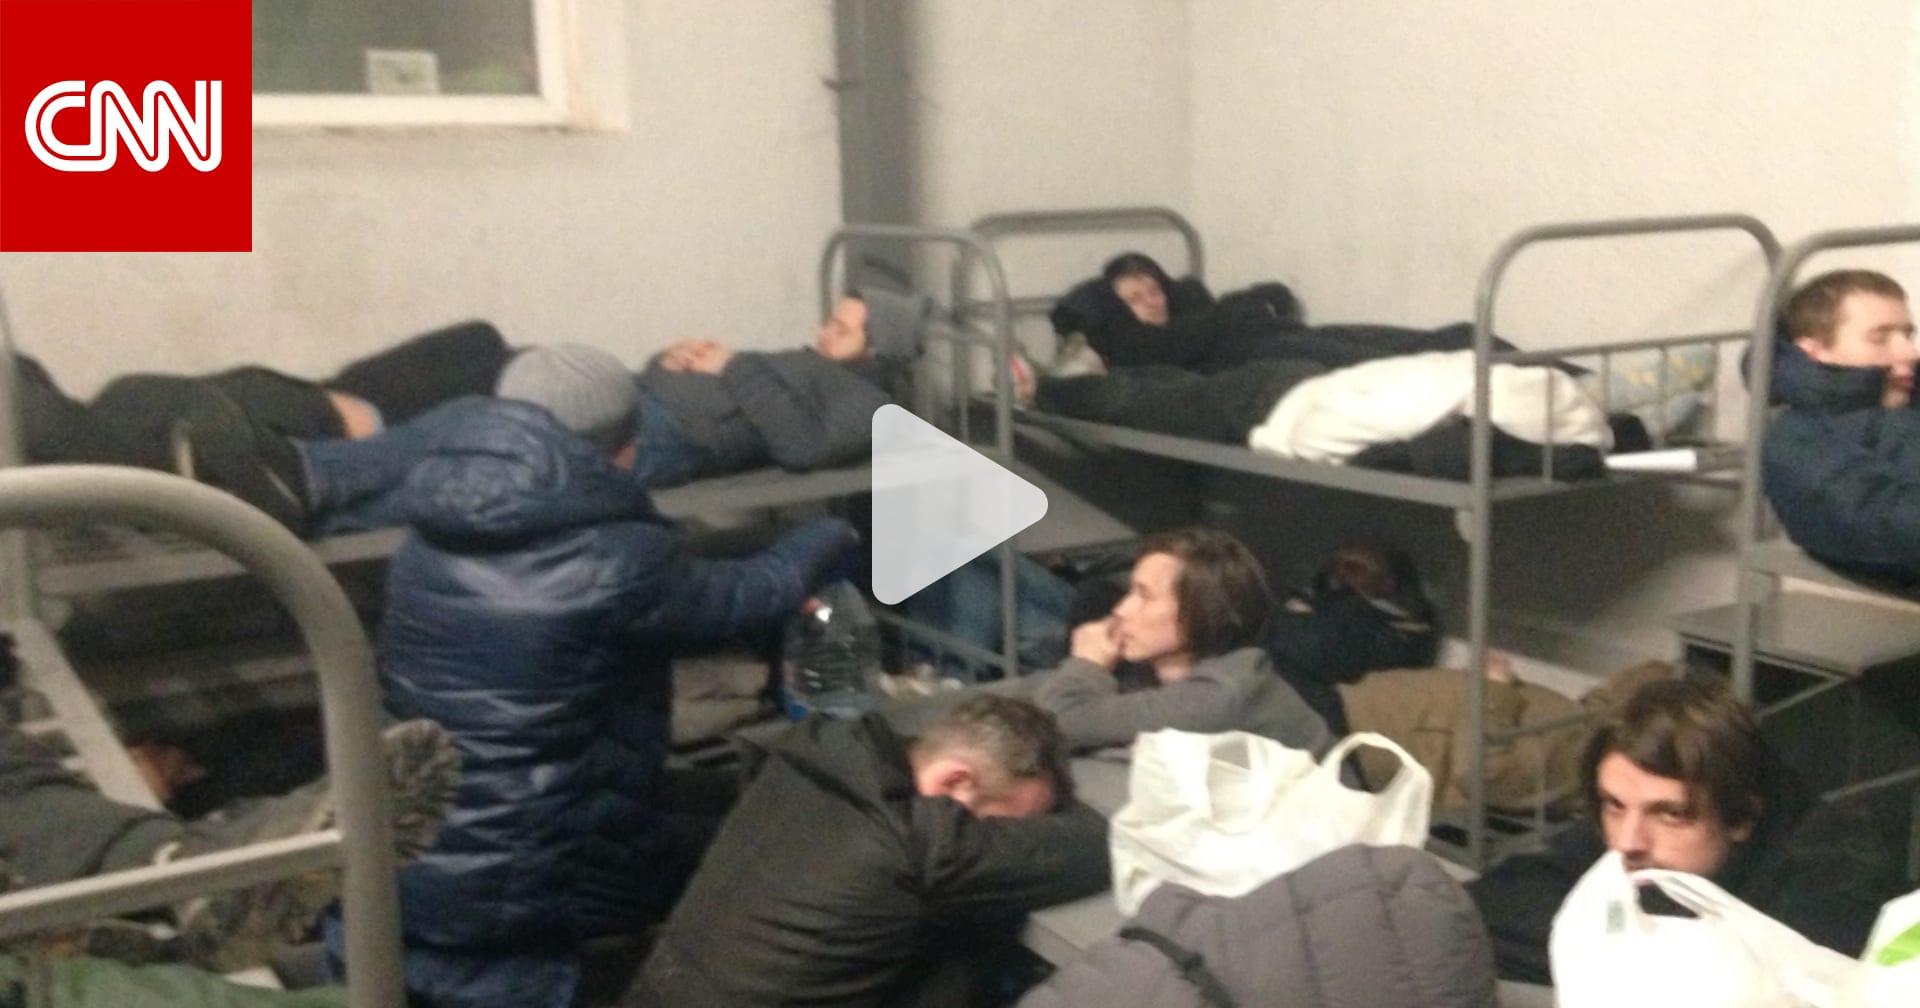 أُعتقل الكثير منهم لدرجة أن الزنزانات نفذت.. شاهد كيف يعاني مؤيدو نافالني في سجون موسكو